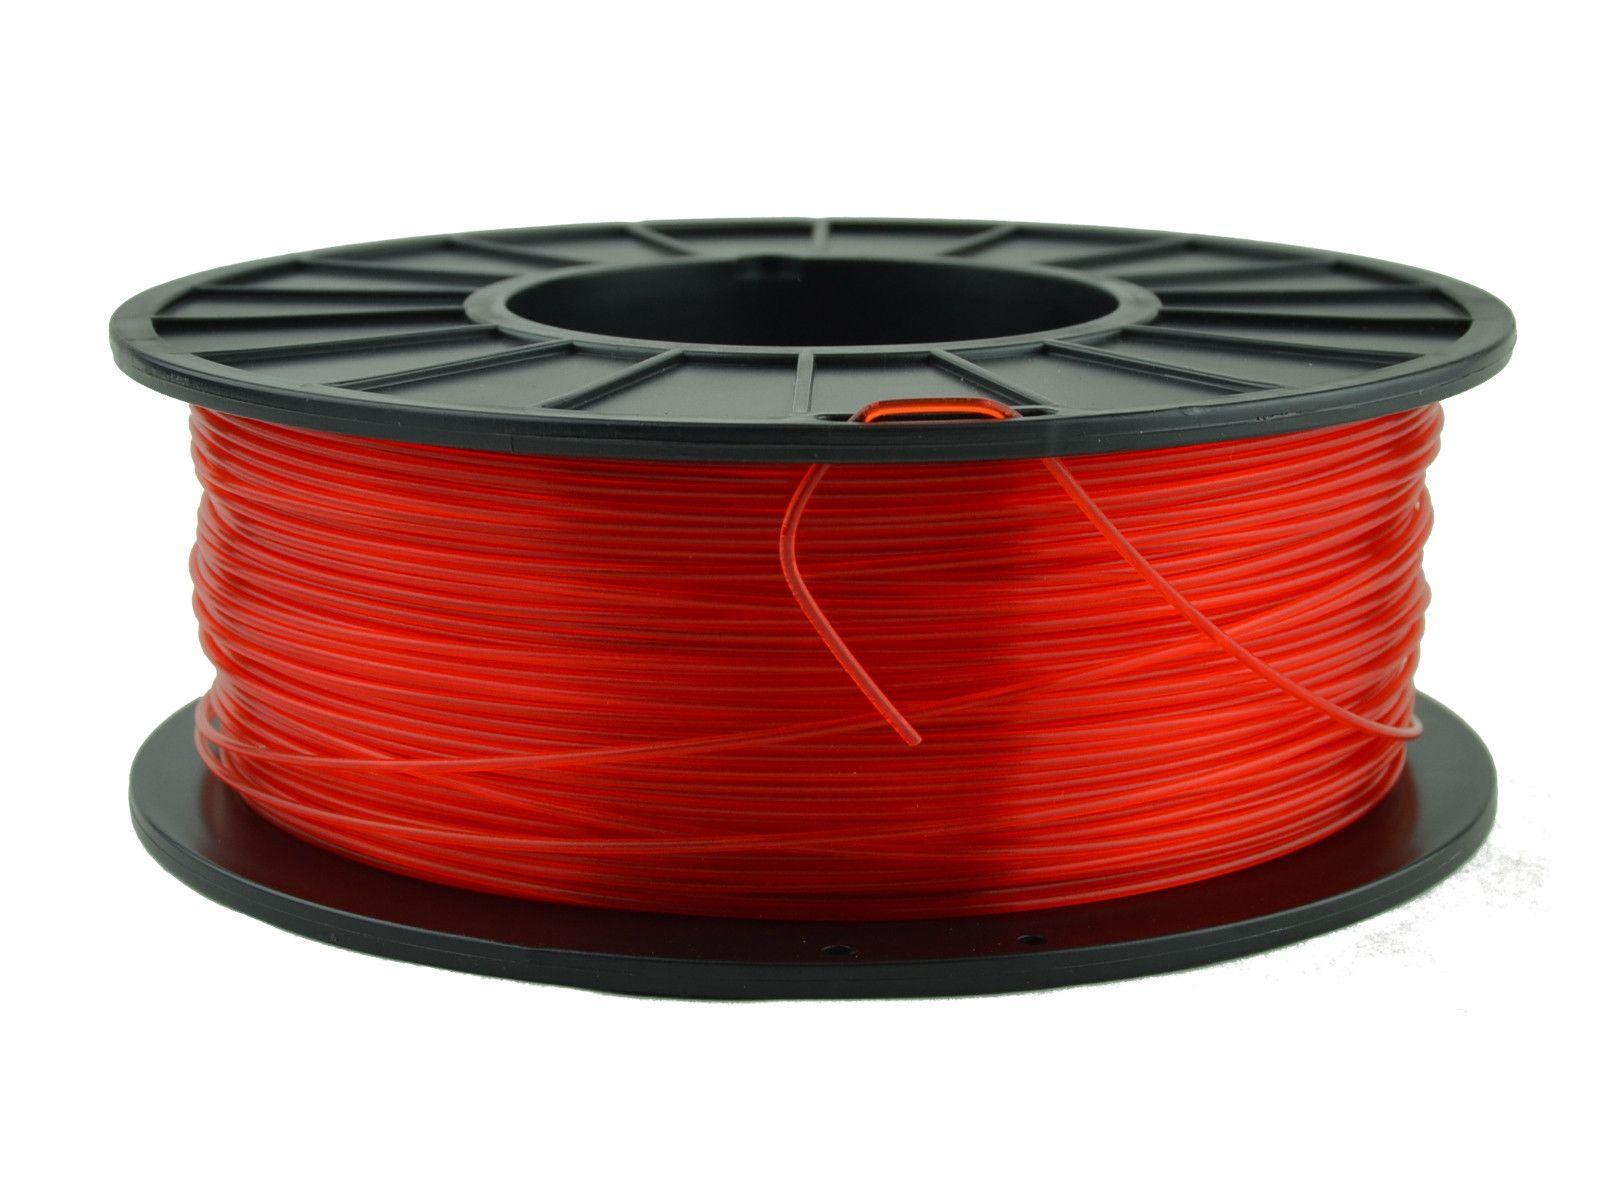 1.75 mm Translucent Red PLA 3D Printer Filament 3d